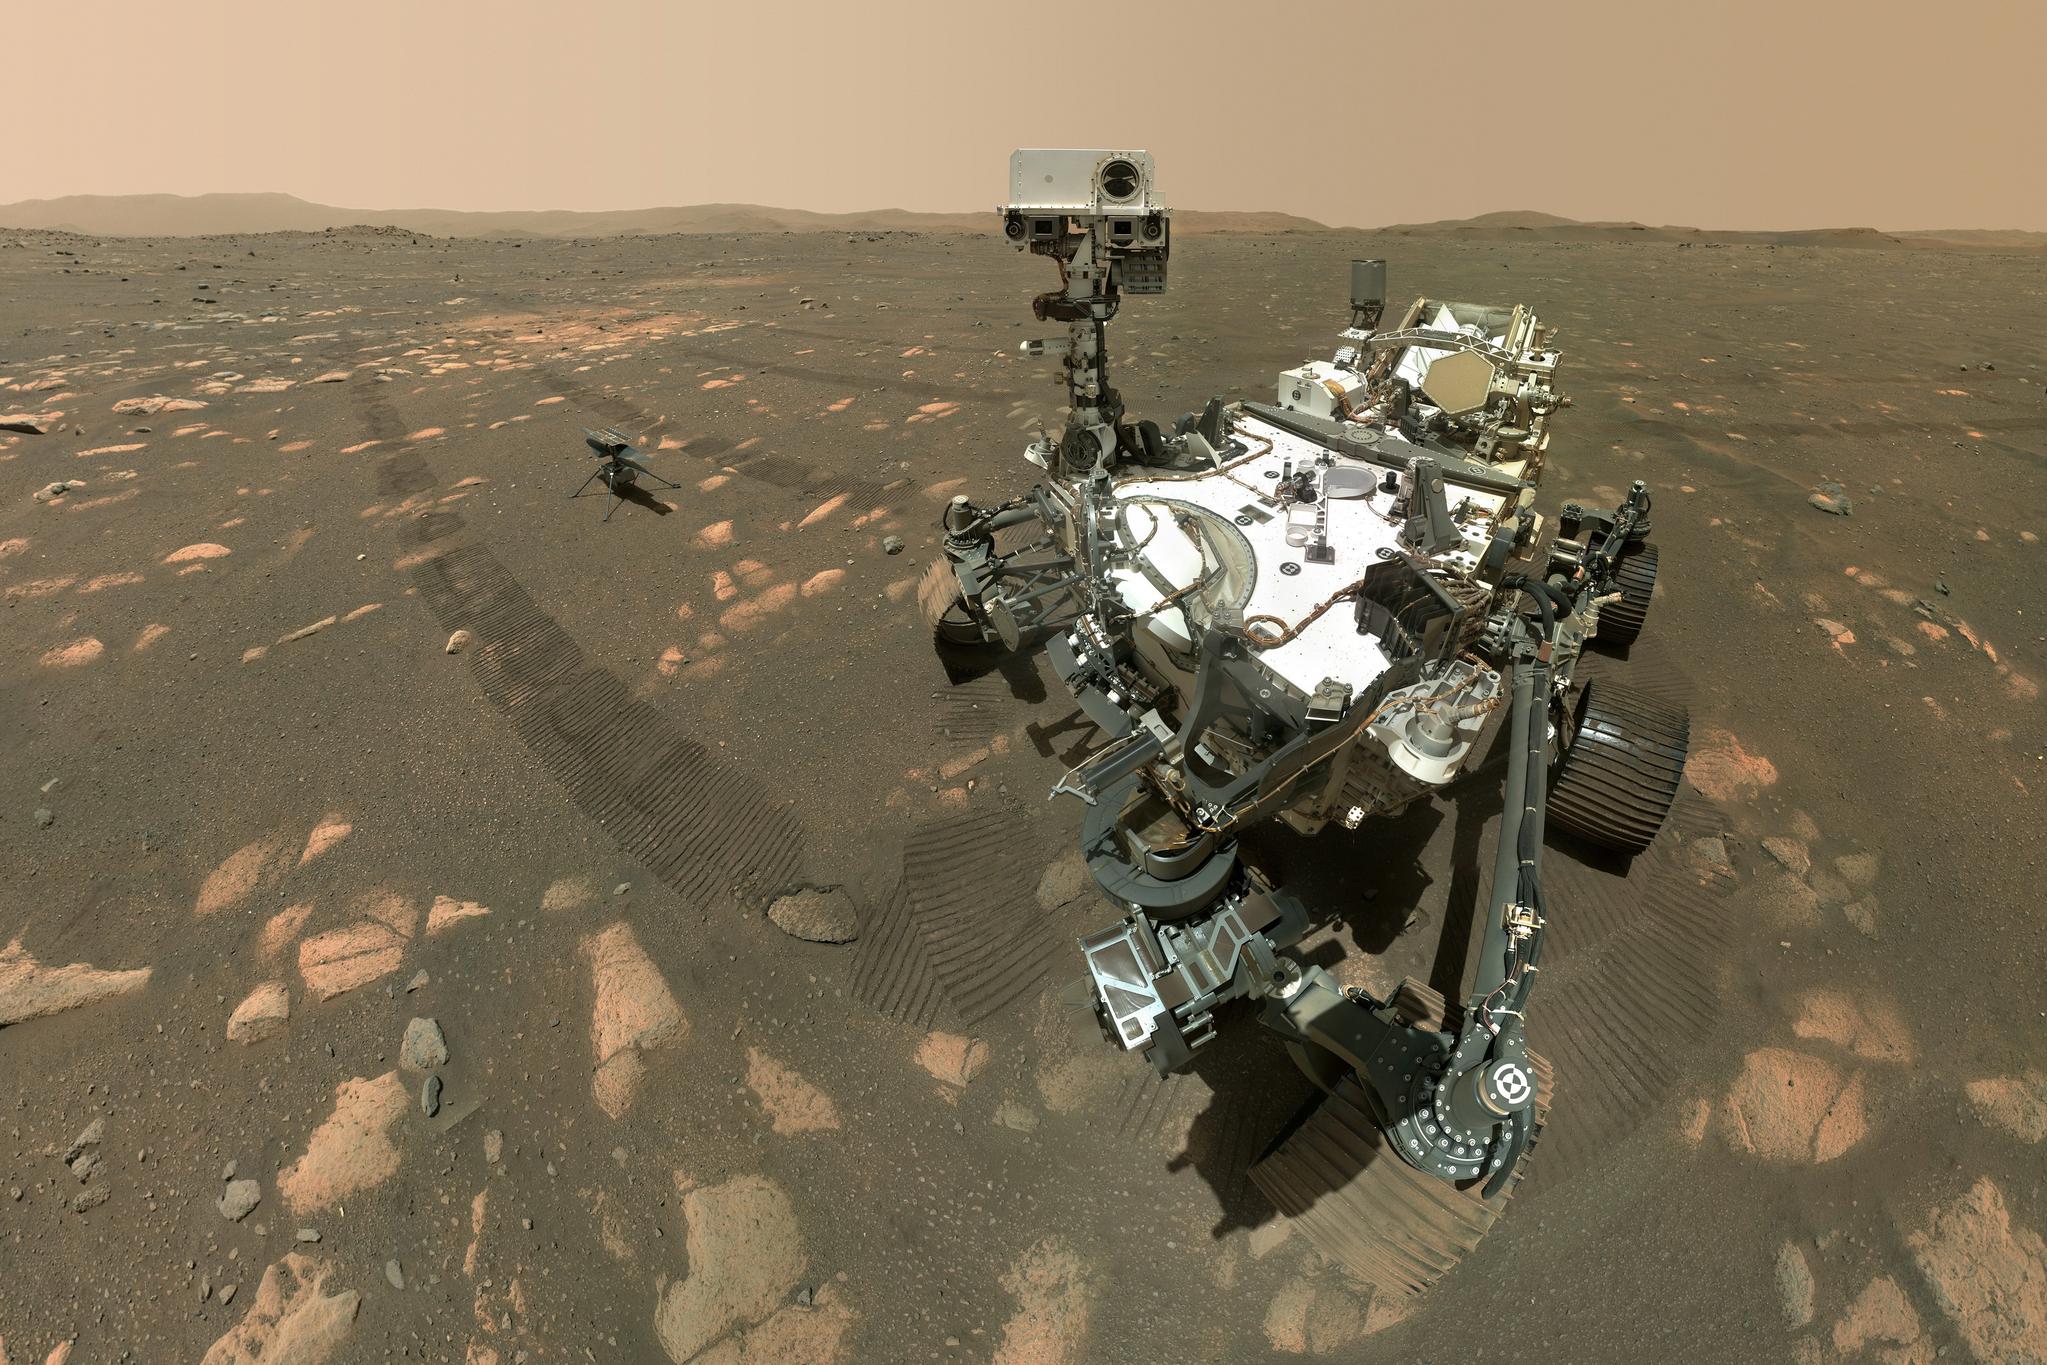 미국 항공우주국(NASA)이 6일(현지시간) 공개한 사진. 화성에 보낸 탐사 로버 퍼서비어런스가 로보트 팔에 부착된 카메라로 셀피를 촬영했다. 왼쪽 뒤에 로버에서 분리돼 착지한 1.8㎏ 무게의 초소형 헬기 '인저뉴어티'가 보인다. UPI=연합뉴스